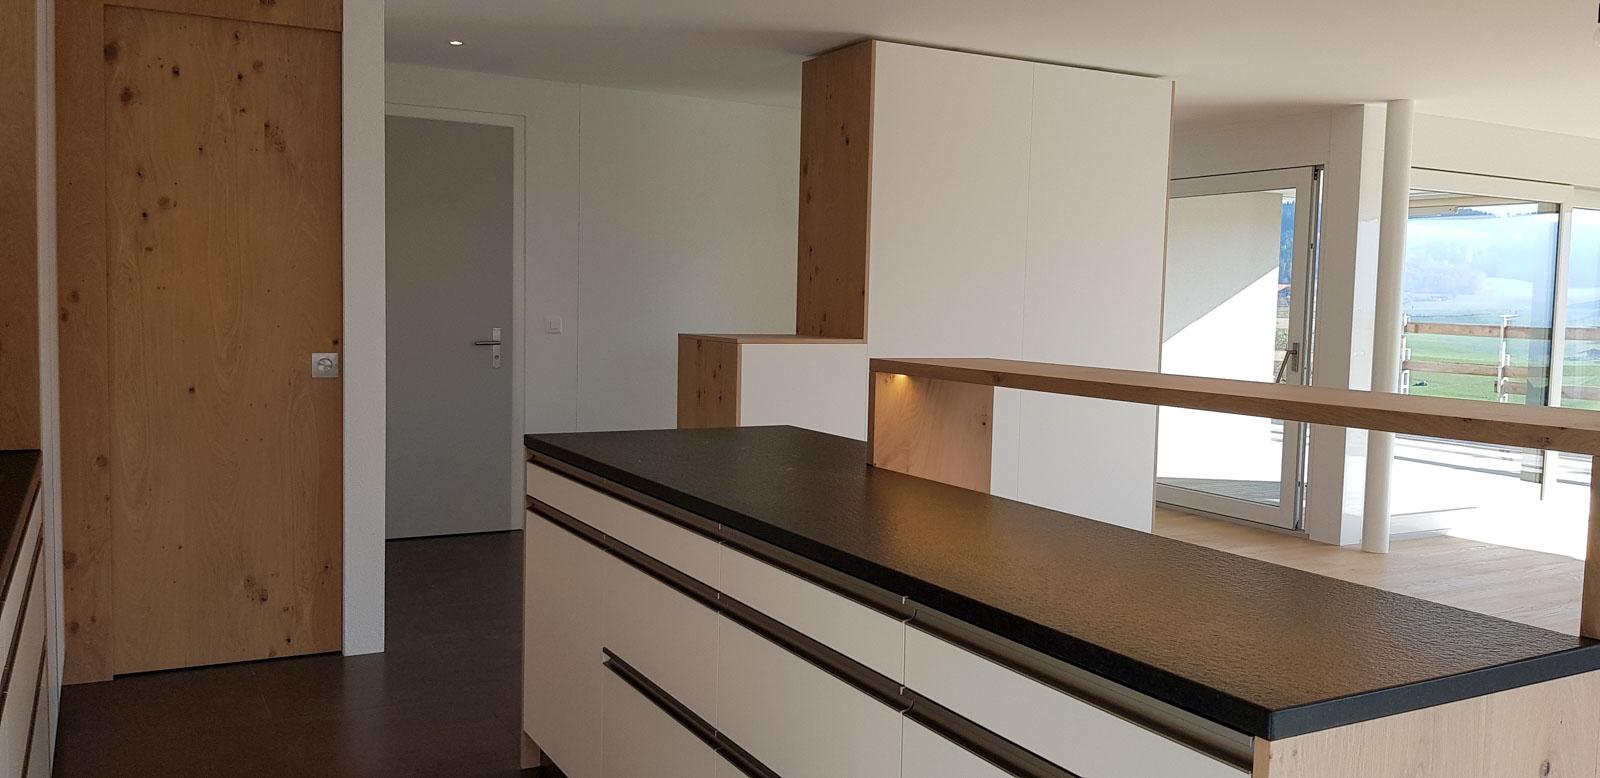 Wooddesign_Garderobe_Eiche furniert_Weisse Fronten_Schuhauszug_Schubladen_offene Gästegarderobe (3)